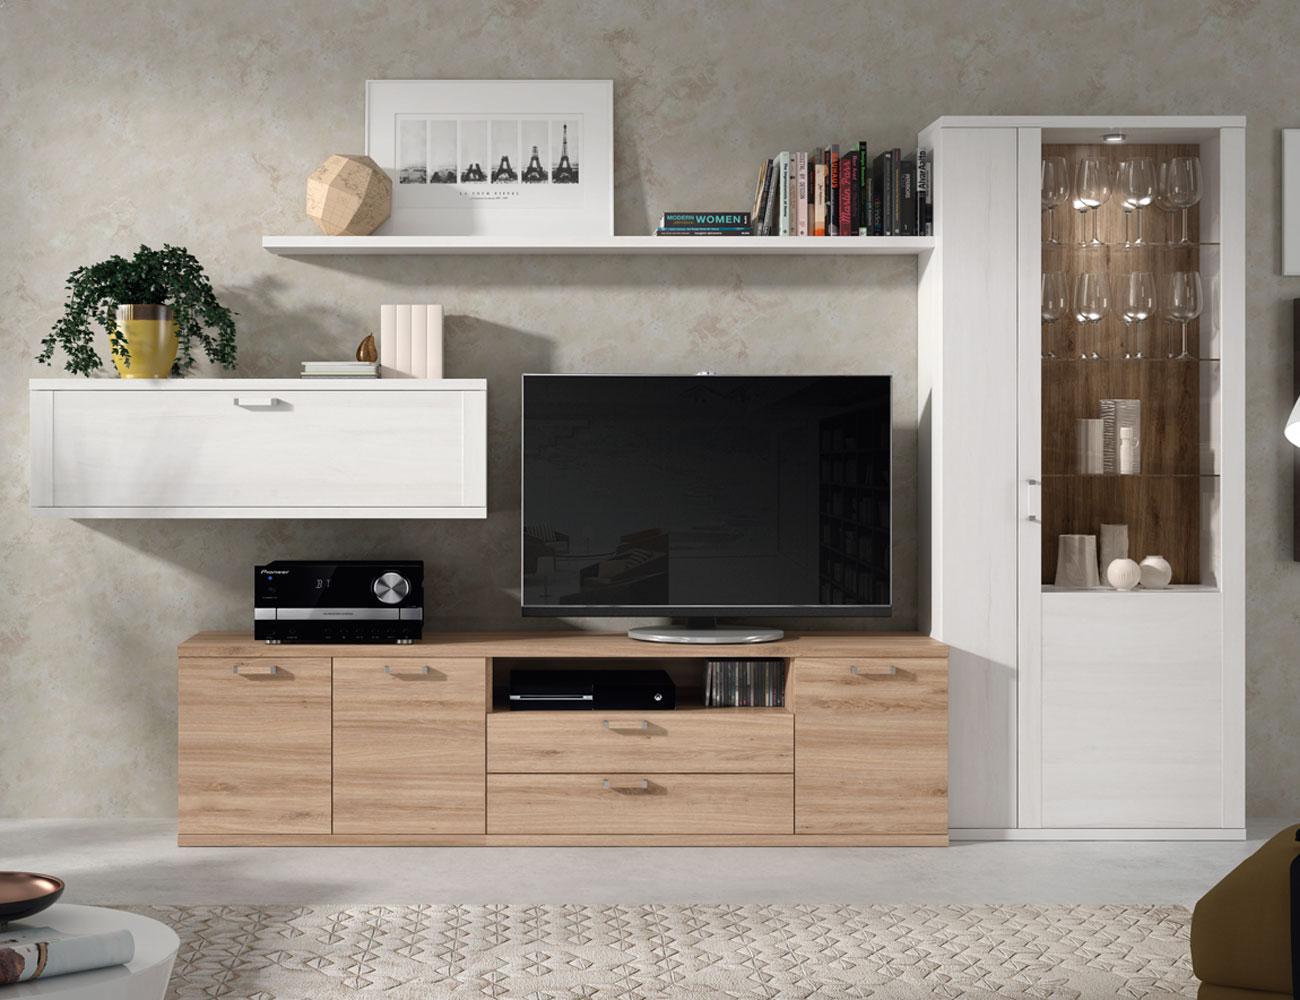 Mesa de comedor extensible rectangular tipo porter a color for La europea muebles